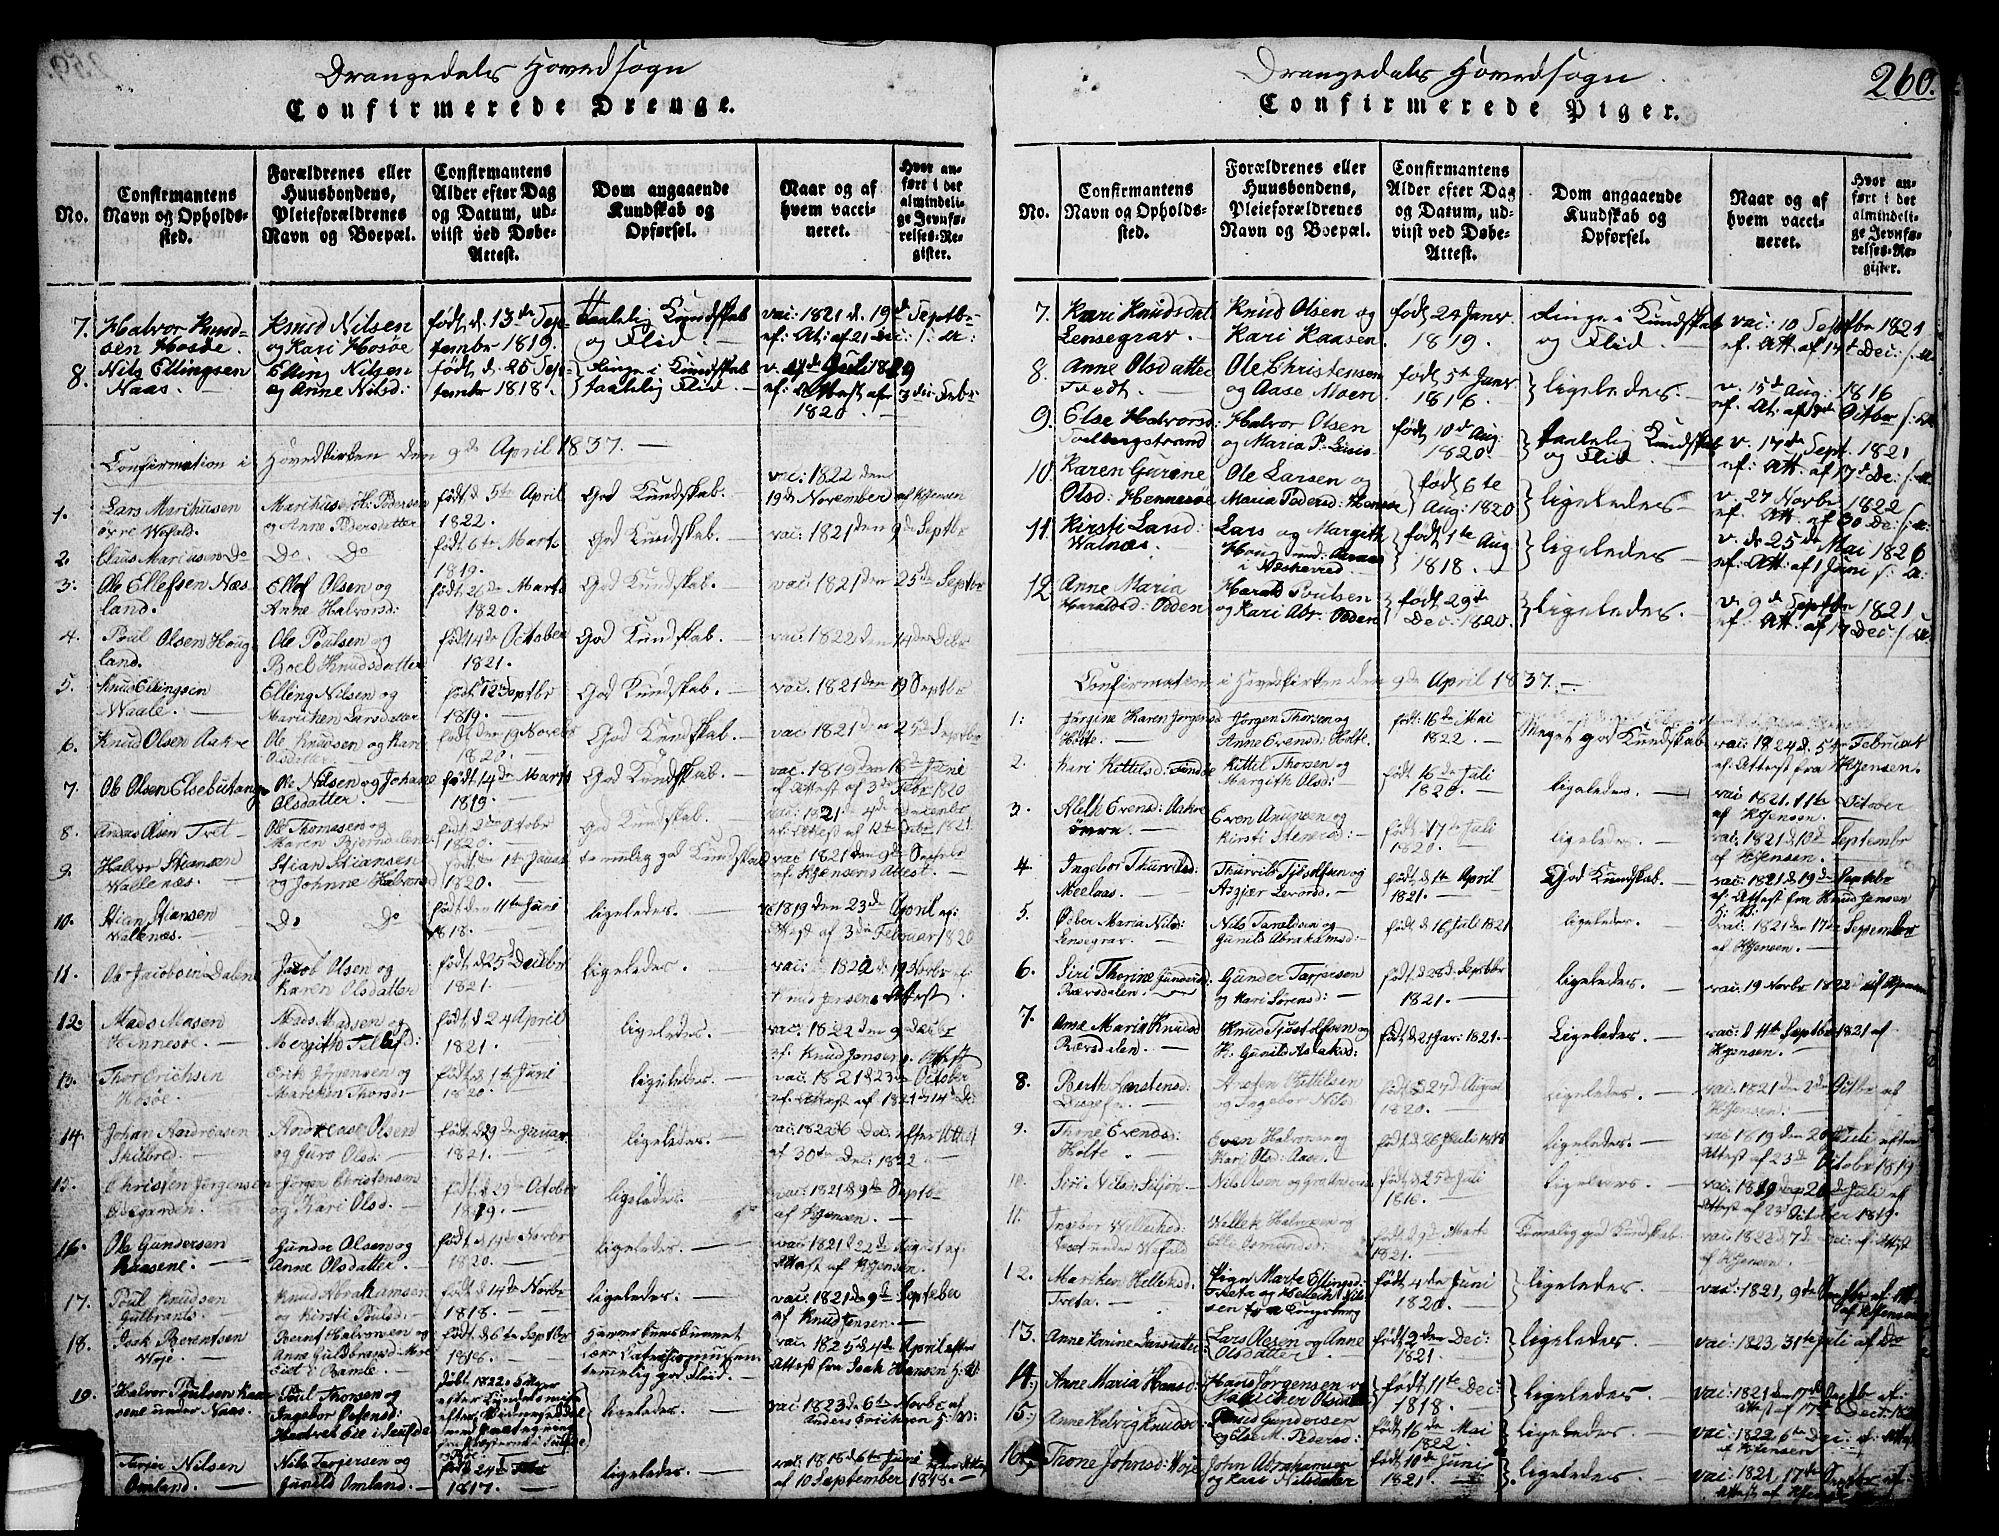 SAKO, Drangedal kirkebøker, G/Ga/L0001: Klokkerbok nr. I 1 /1, 1814-1856, s. 260